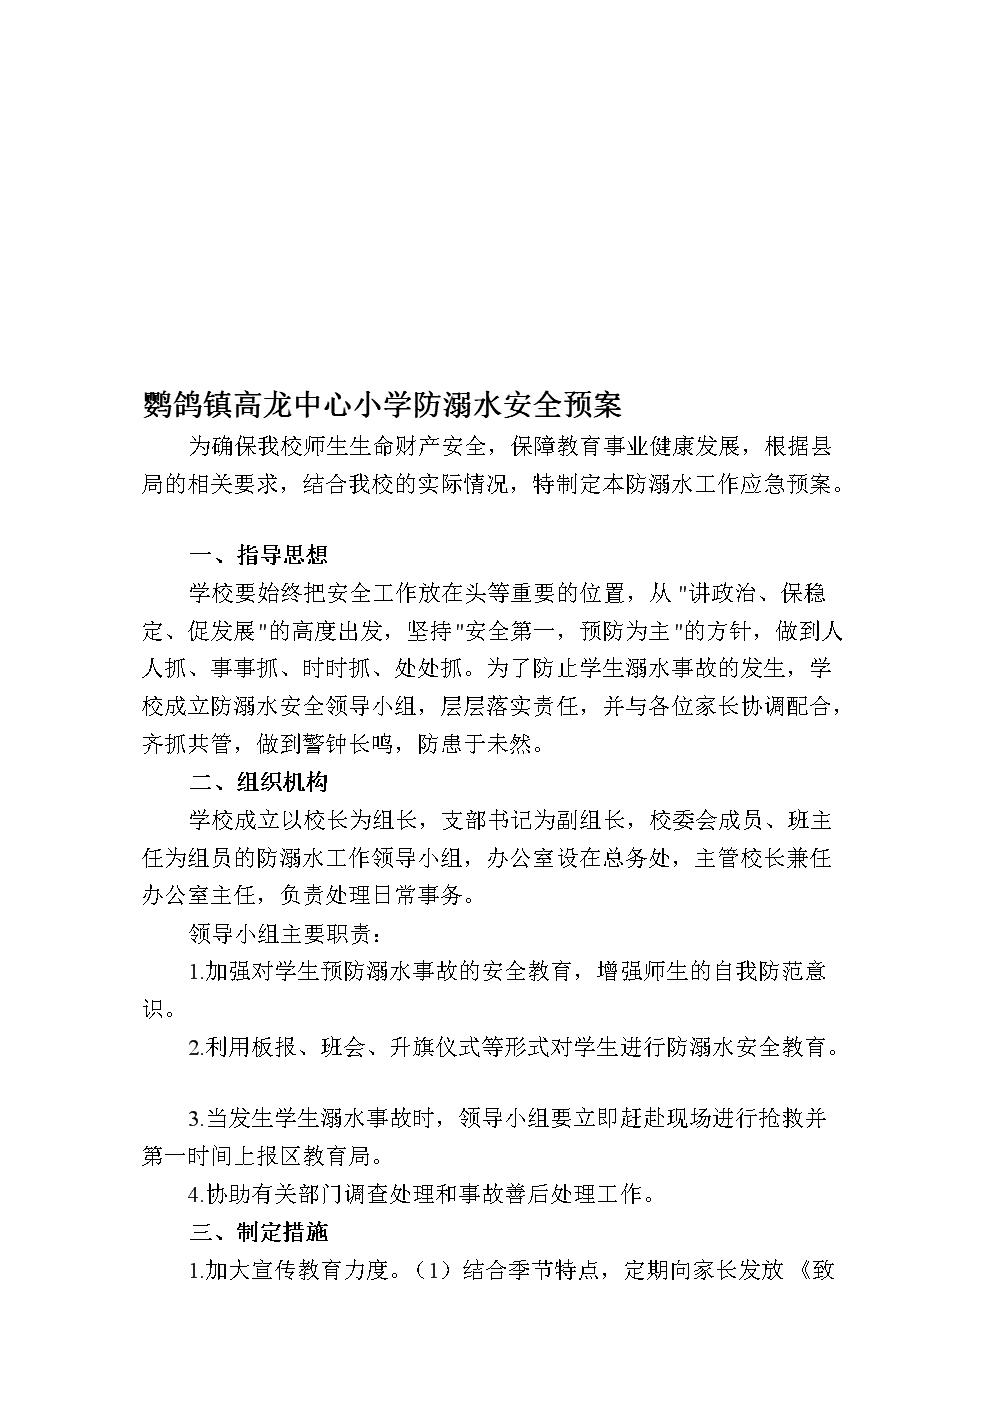 高龙中心小学防溺水安全预案.doc